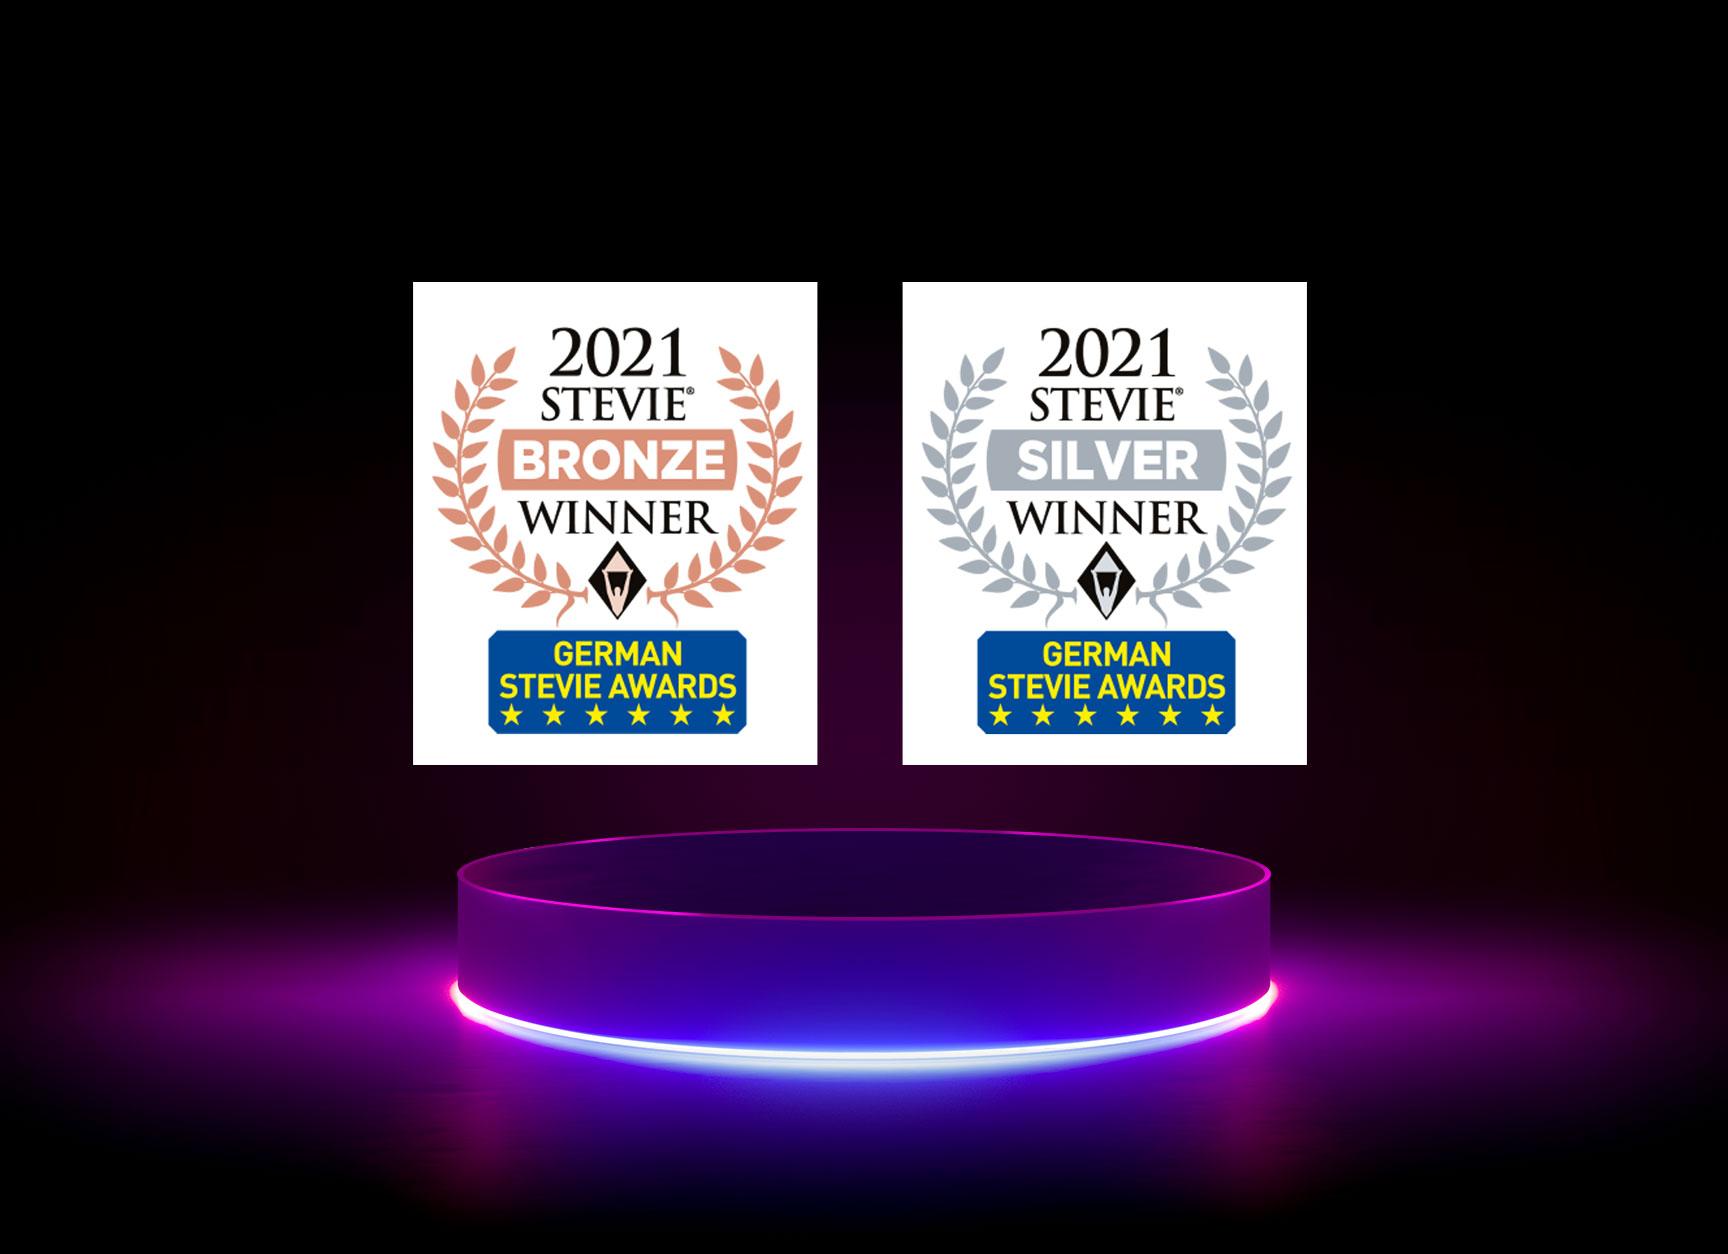 Anerkennung für exzellente HR-Arbeit: diva-e erhält eine Bronze- und eine Silberauszeichnung bei den German Stevie Awards